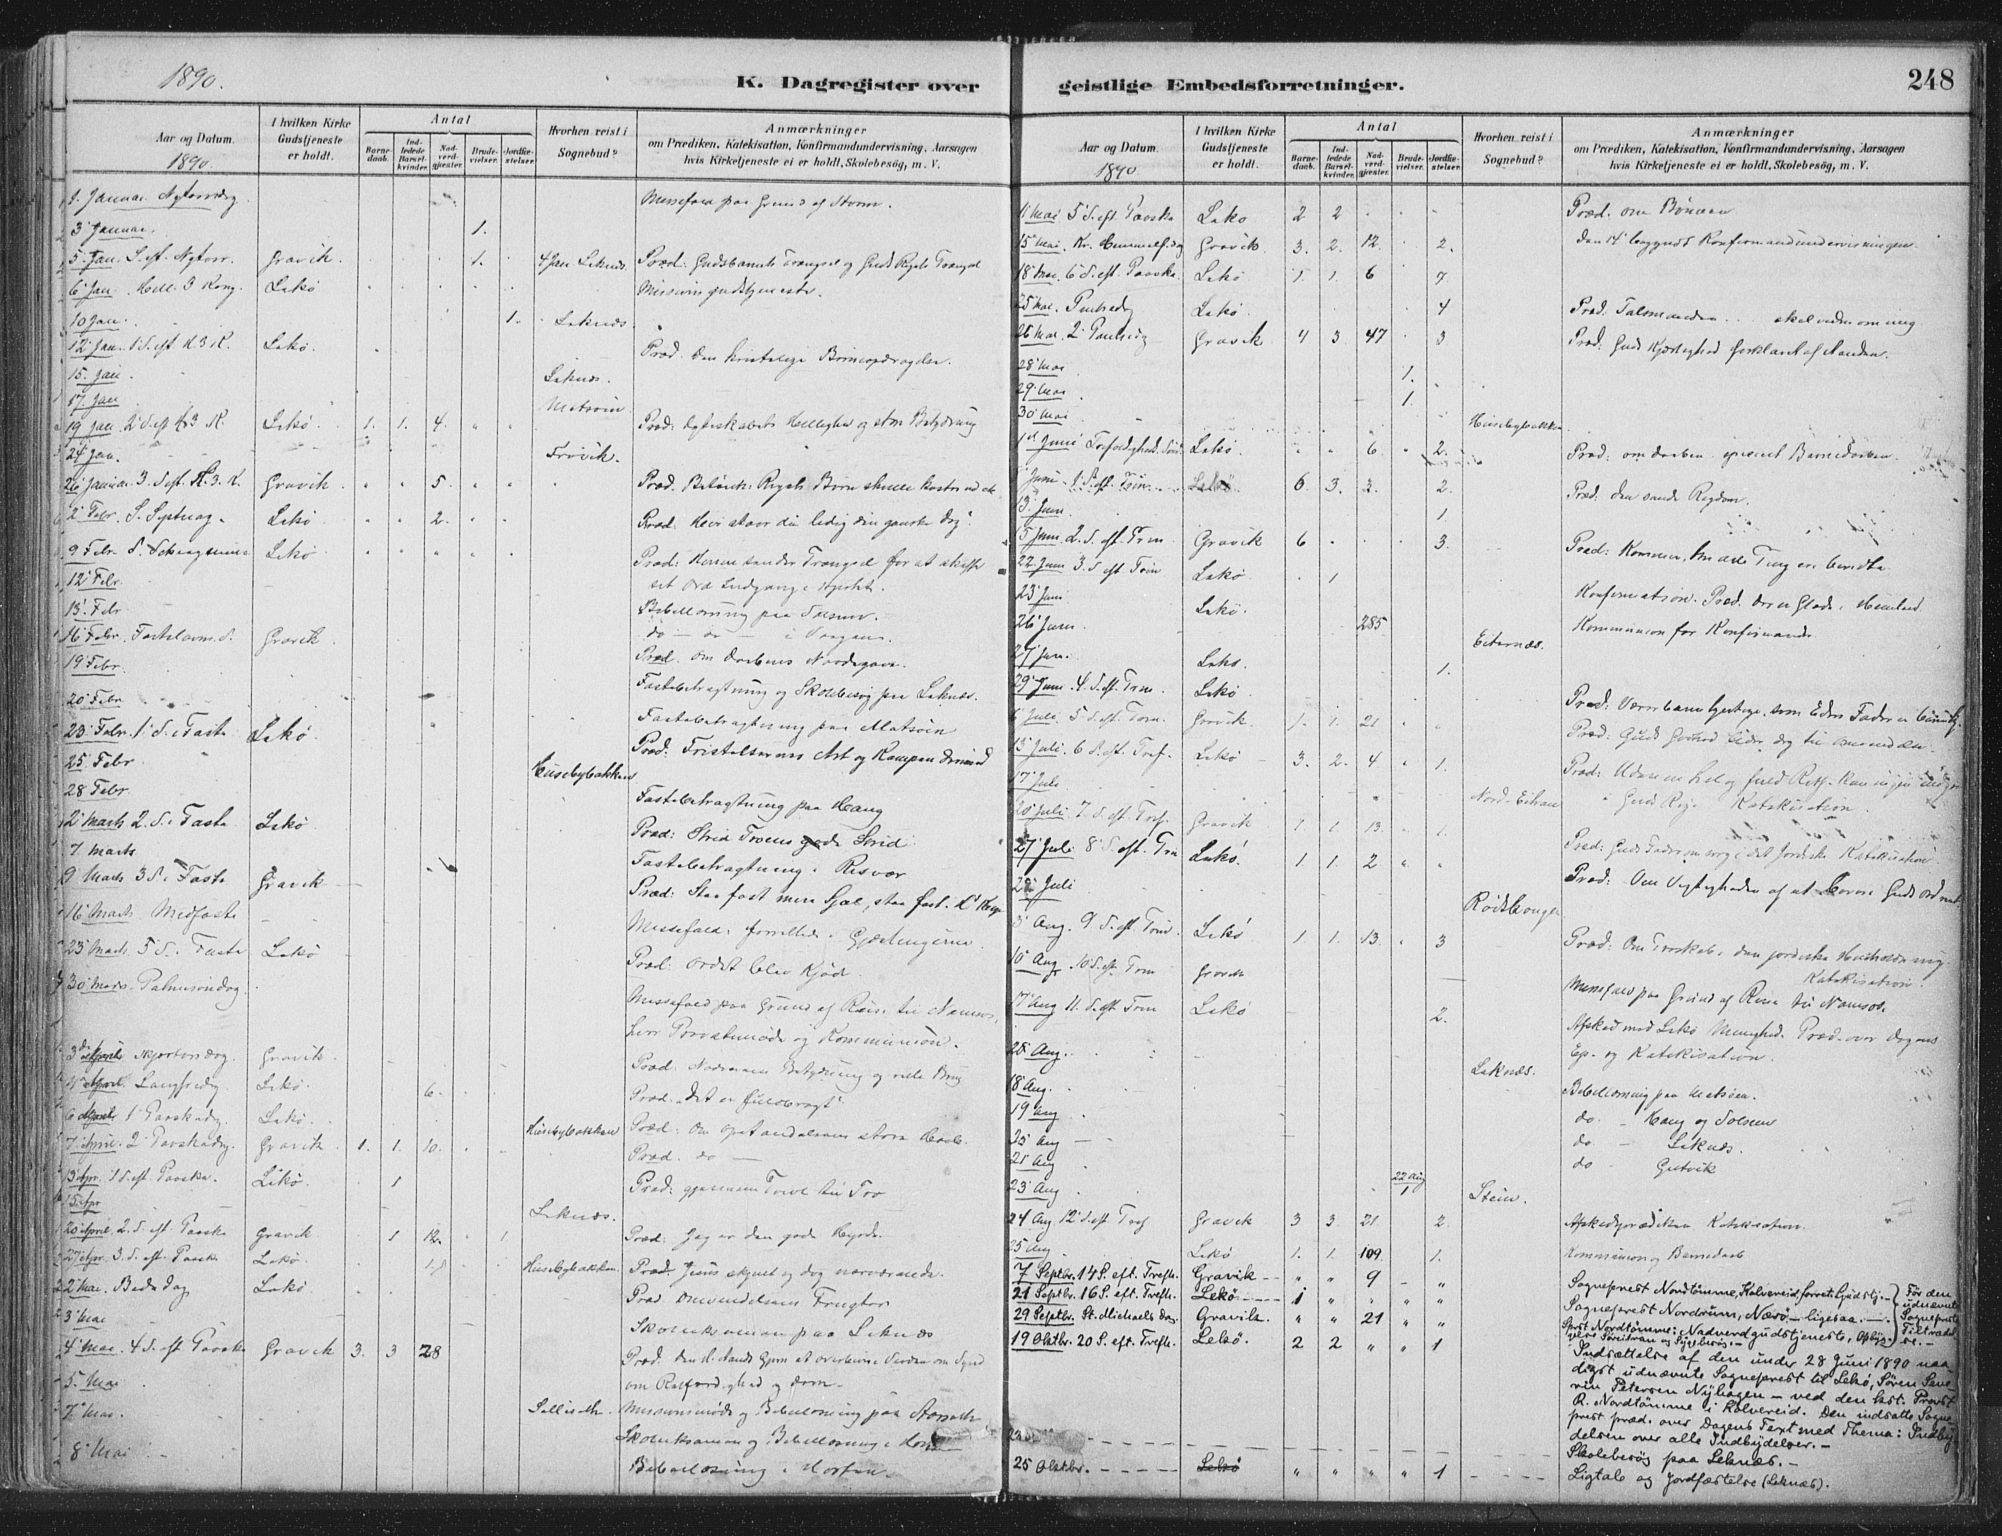 SAT, Ministerialprotokoller, klokkerbøker og fødselsregistre - Nord-Trøndelag, 788/L0697: Ministerialbok nr. 788A04, 1878-1902, s. 248